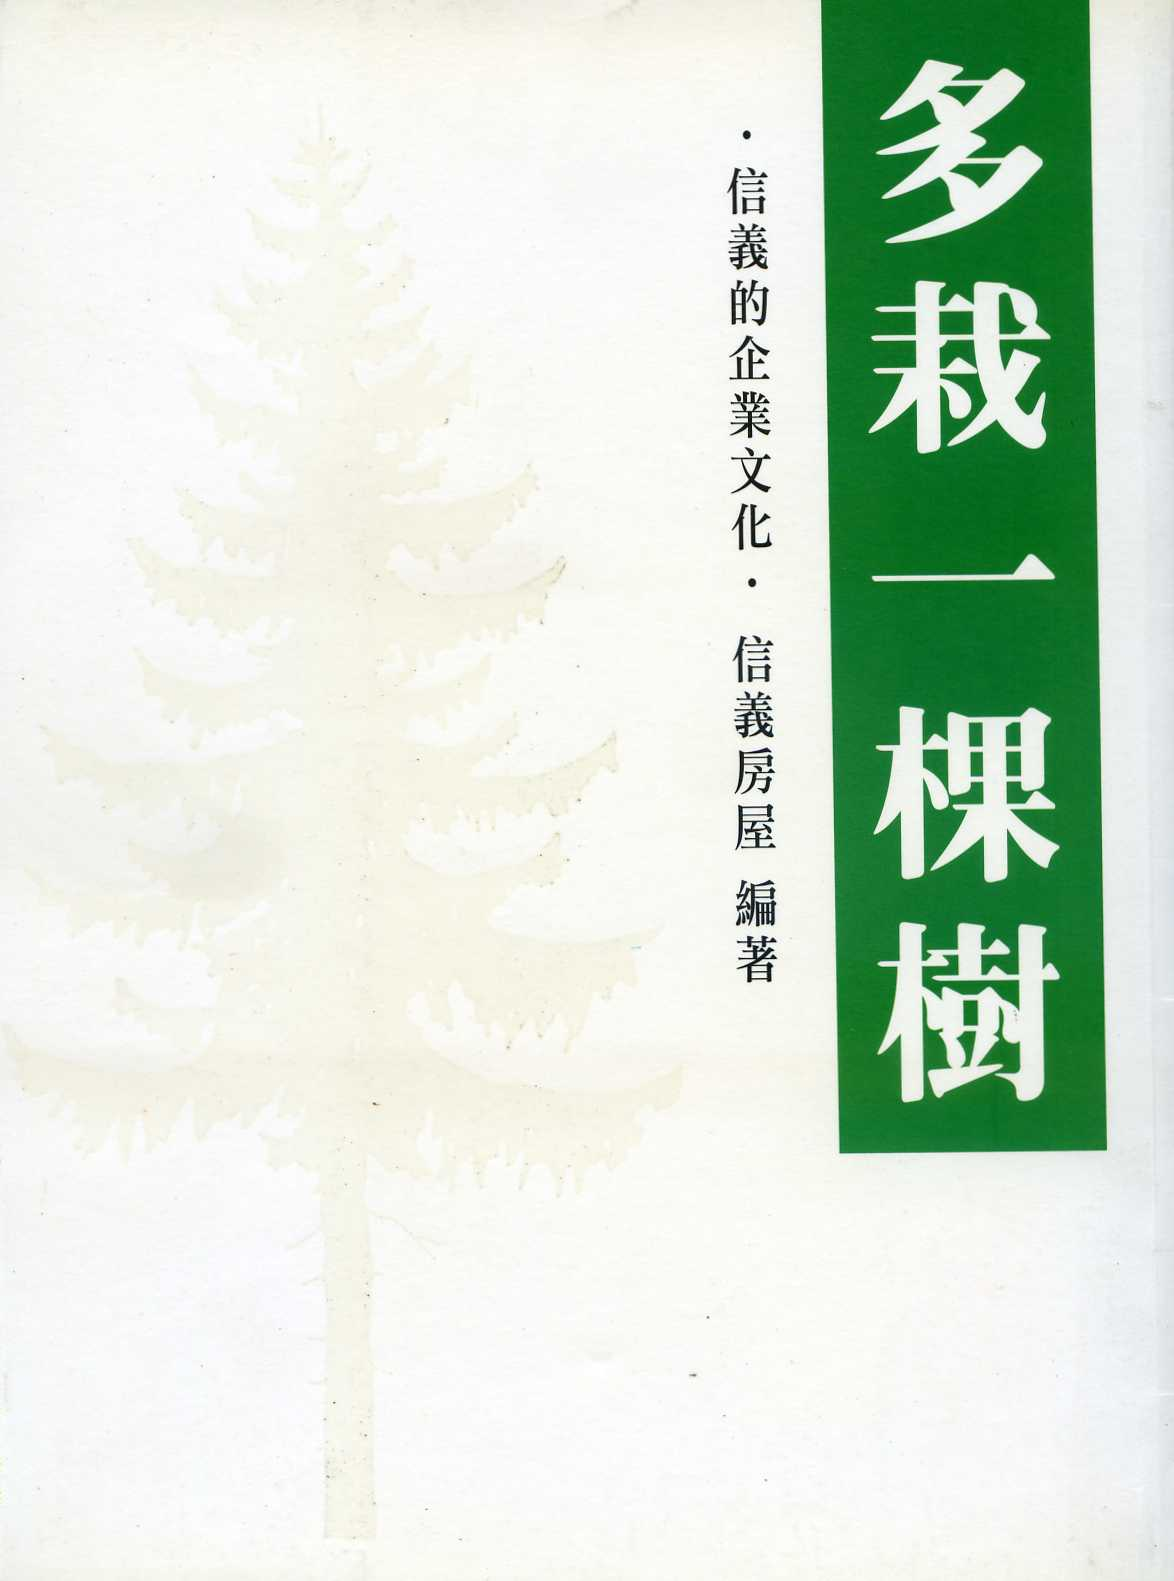 多栽一棵樹 : 信義的企業文化 / 信義房屋編著